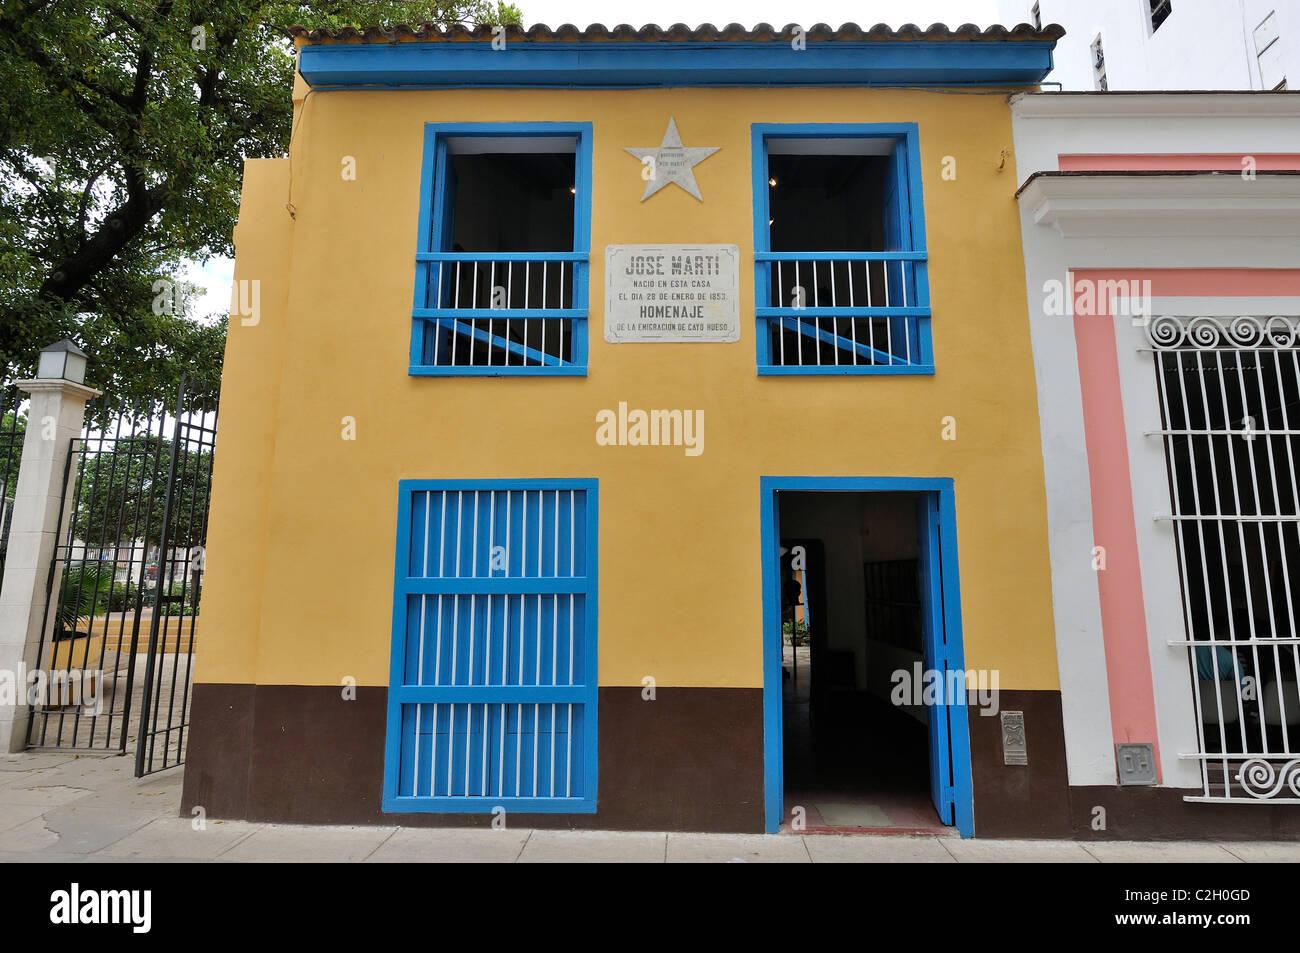 La Habana. Cuba. La Casa Natal de José Martí / Casa Natal de José Martí, Habana Vieja / La Habana Vieja. Foto de stock